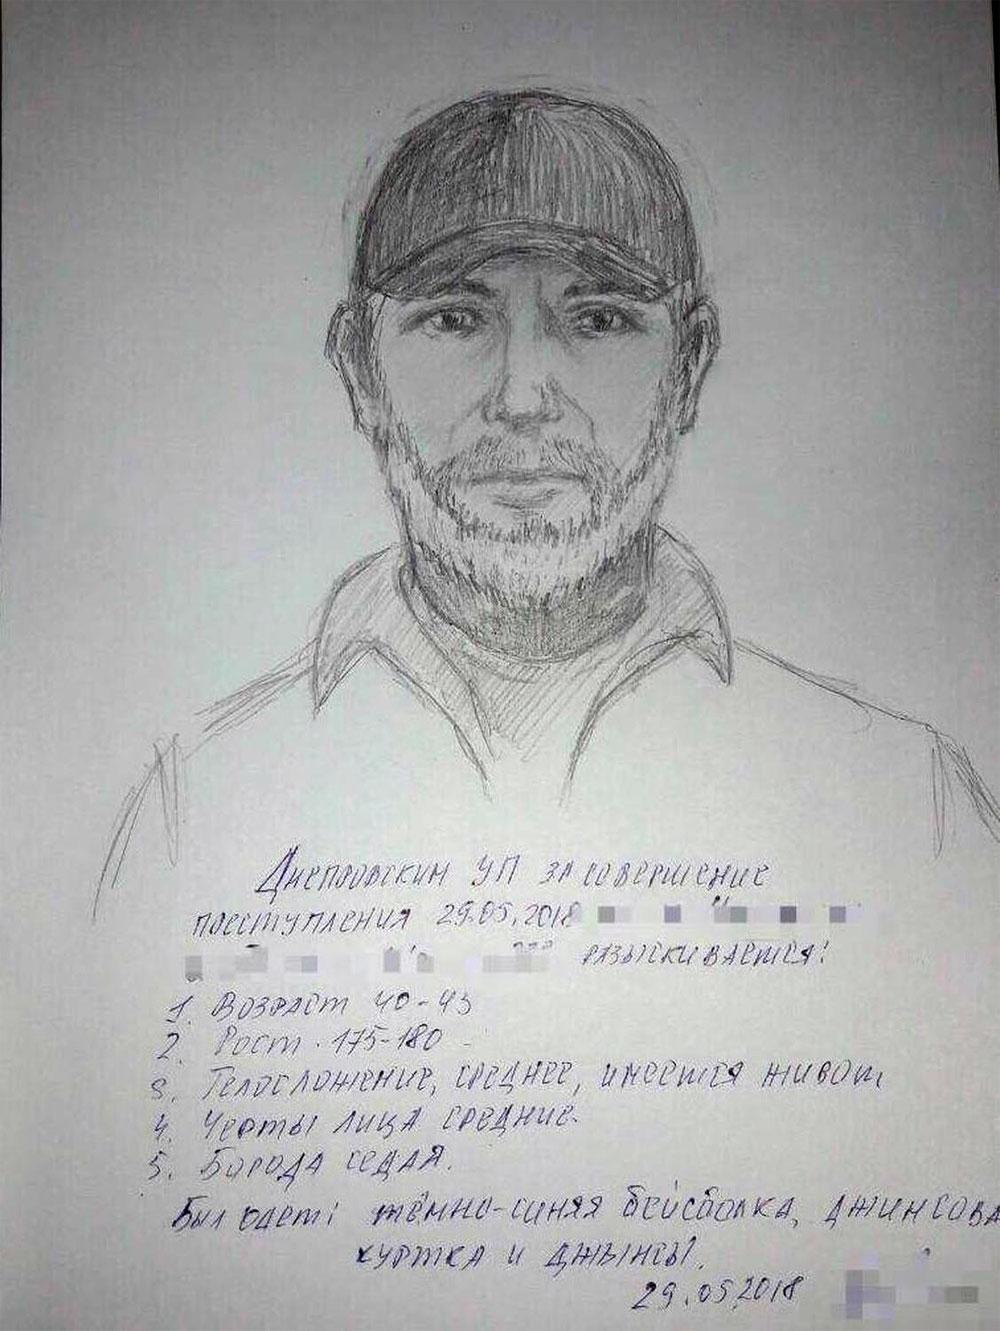 Киевская полиция опубликовала фоторобот человека, который разыскивается по подозрению в совершении убийства